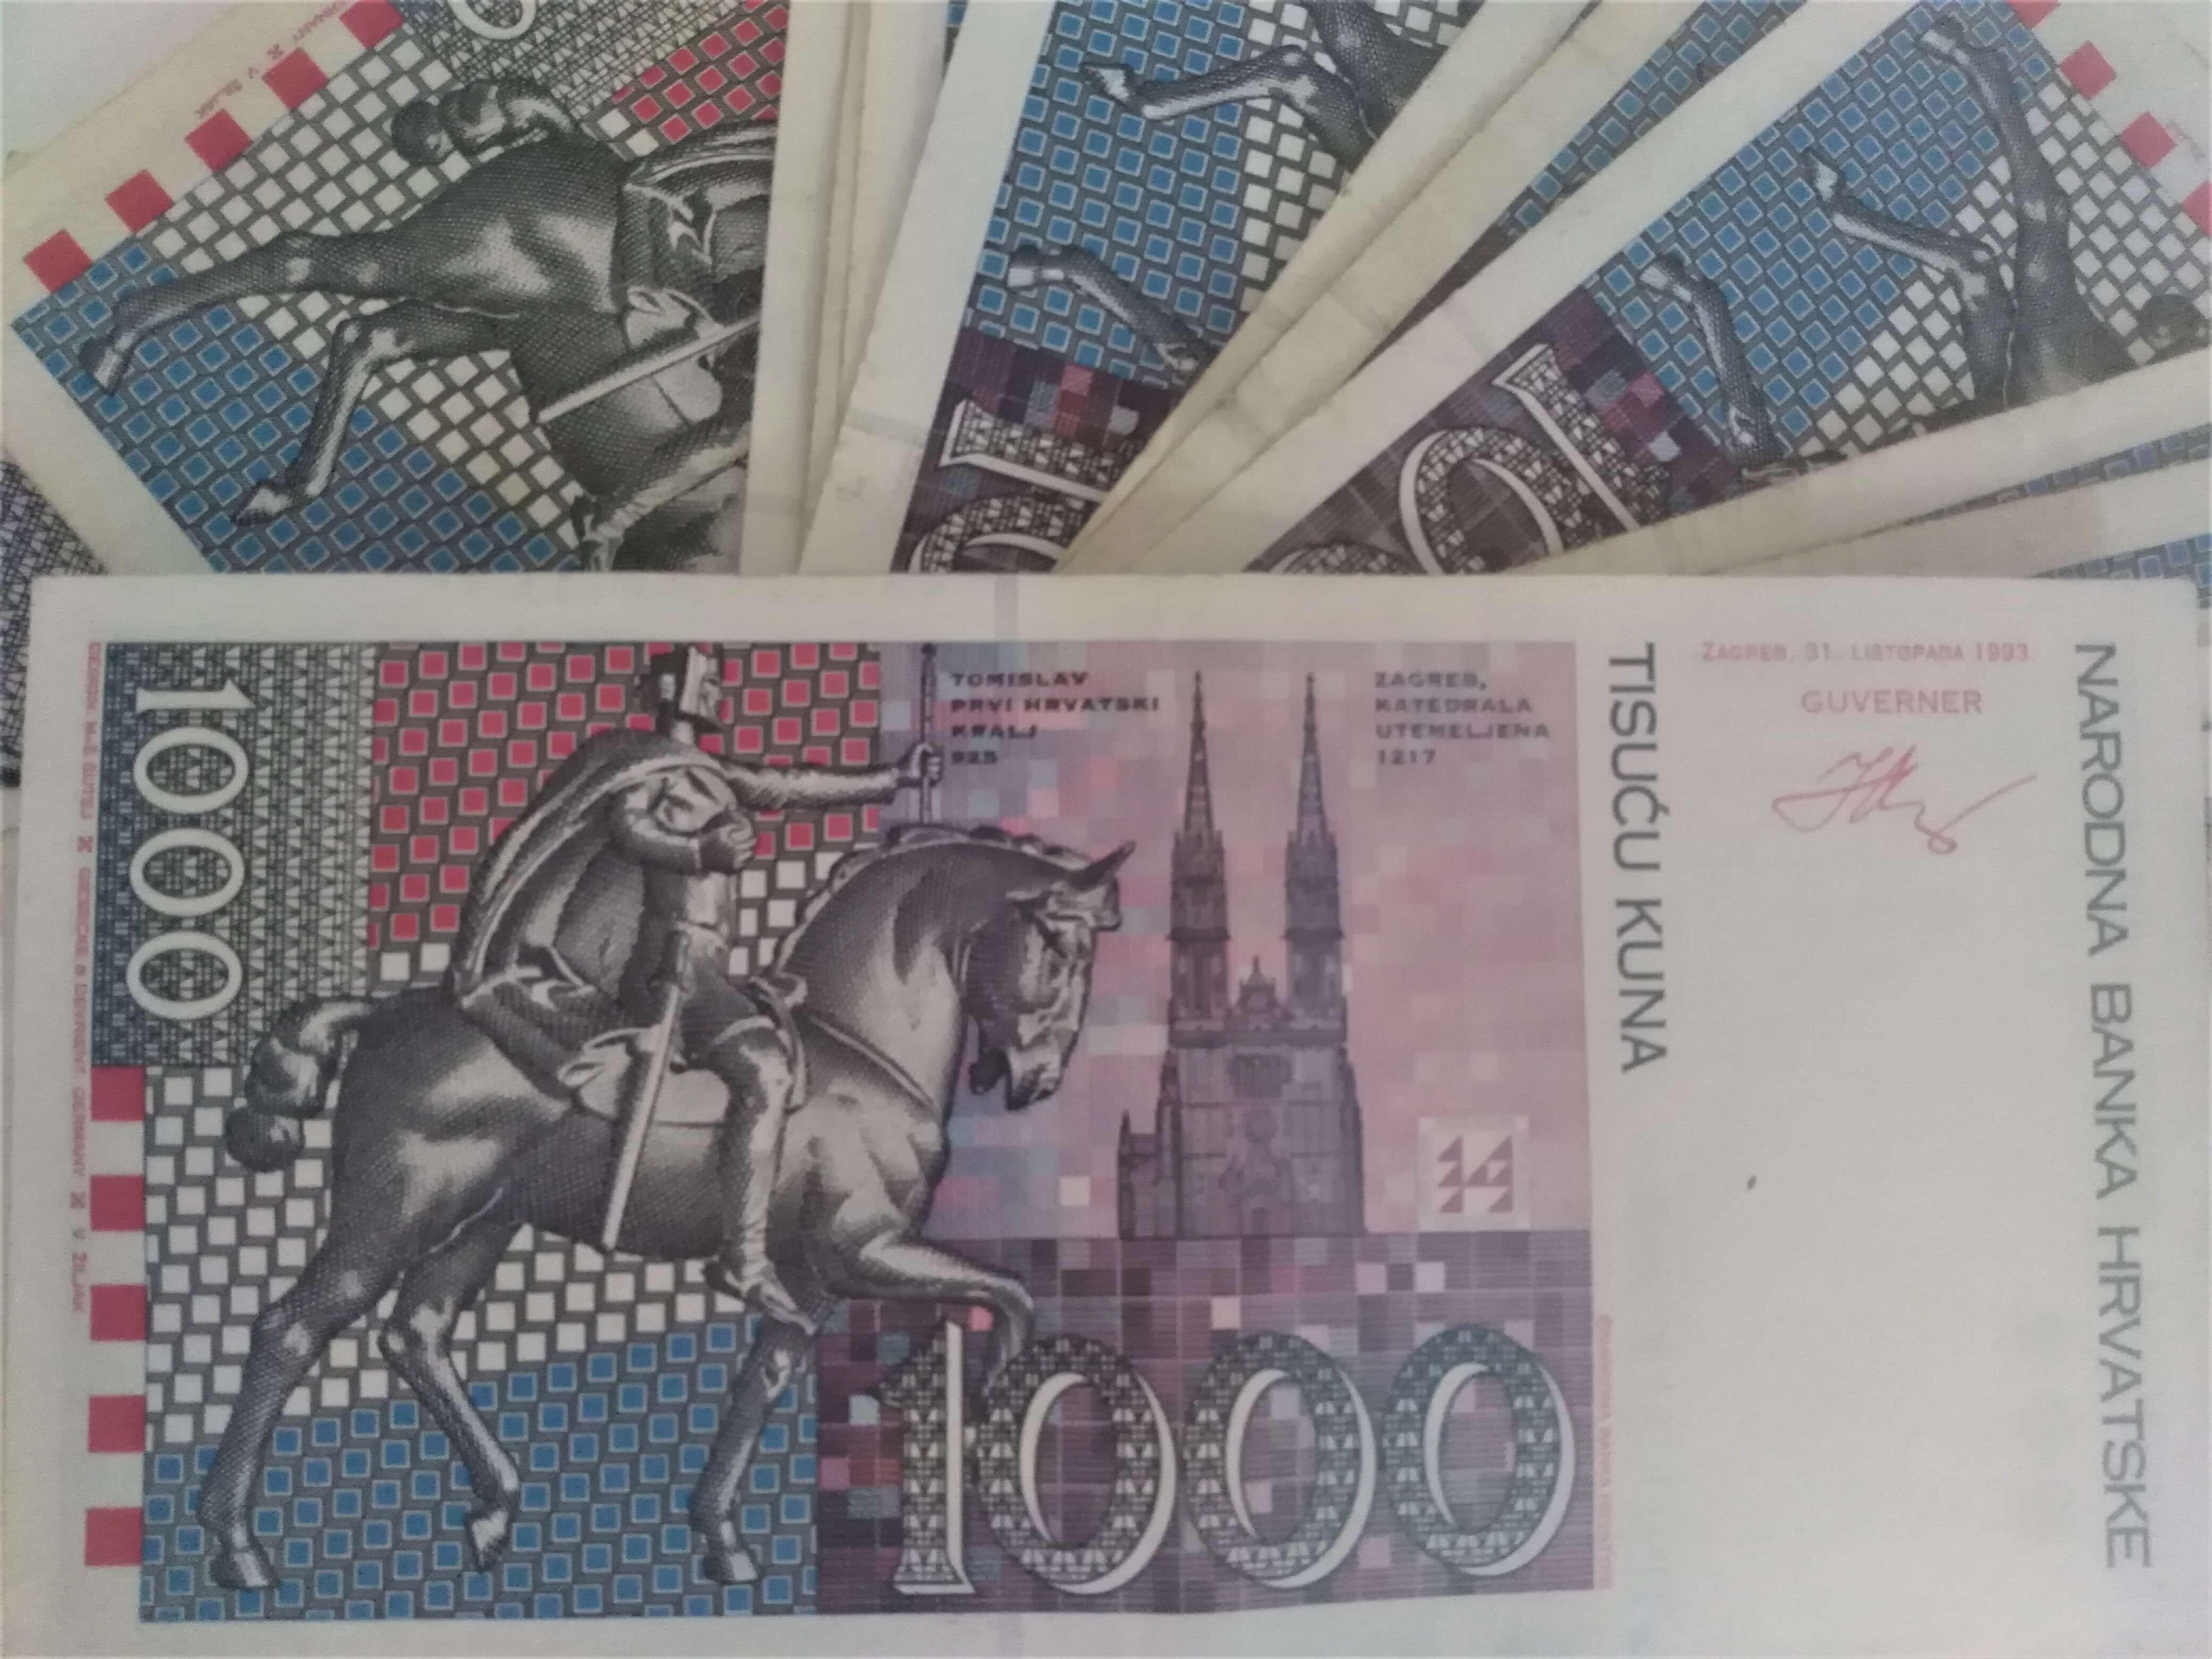 Umirovljenicima u krizi već dali do 1.000 kuna, a sada to čine opet!